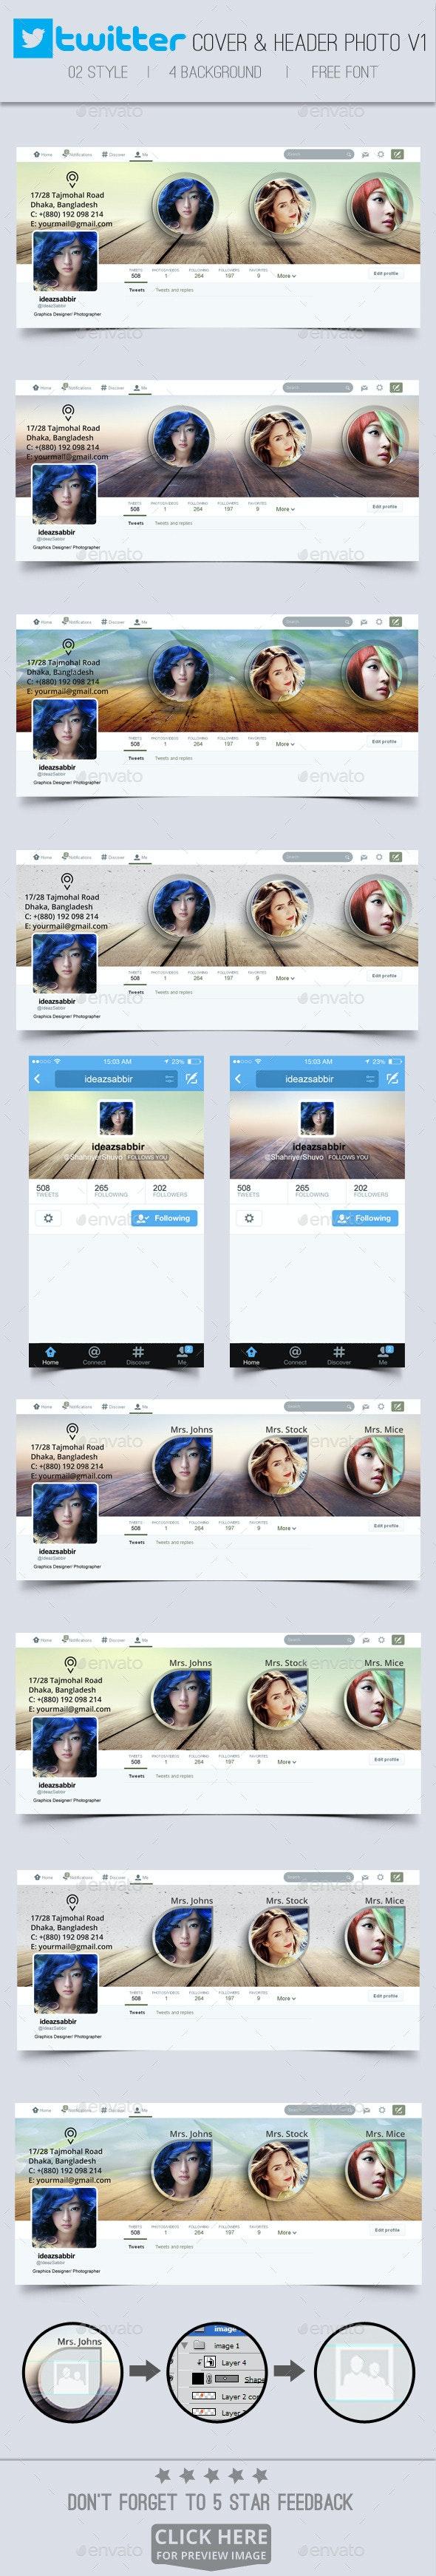 Twitter Header Photos V01 - Twitter Social Media